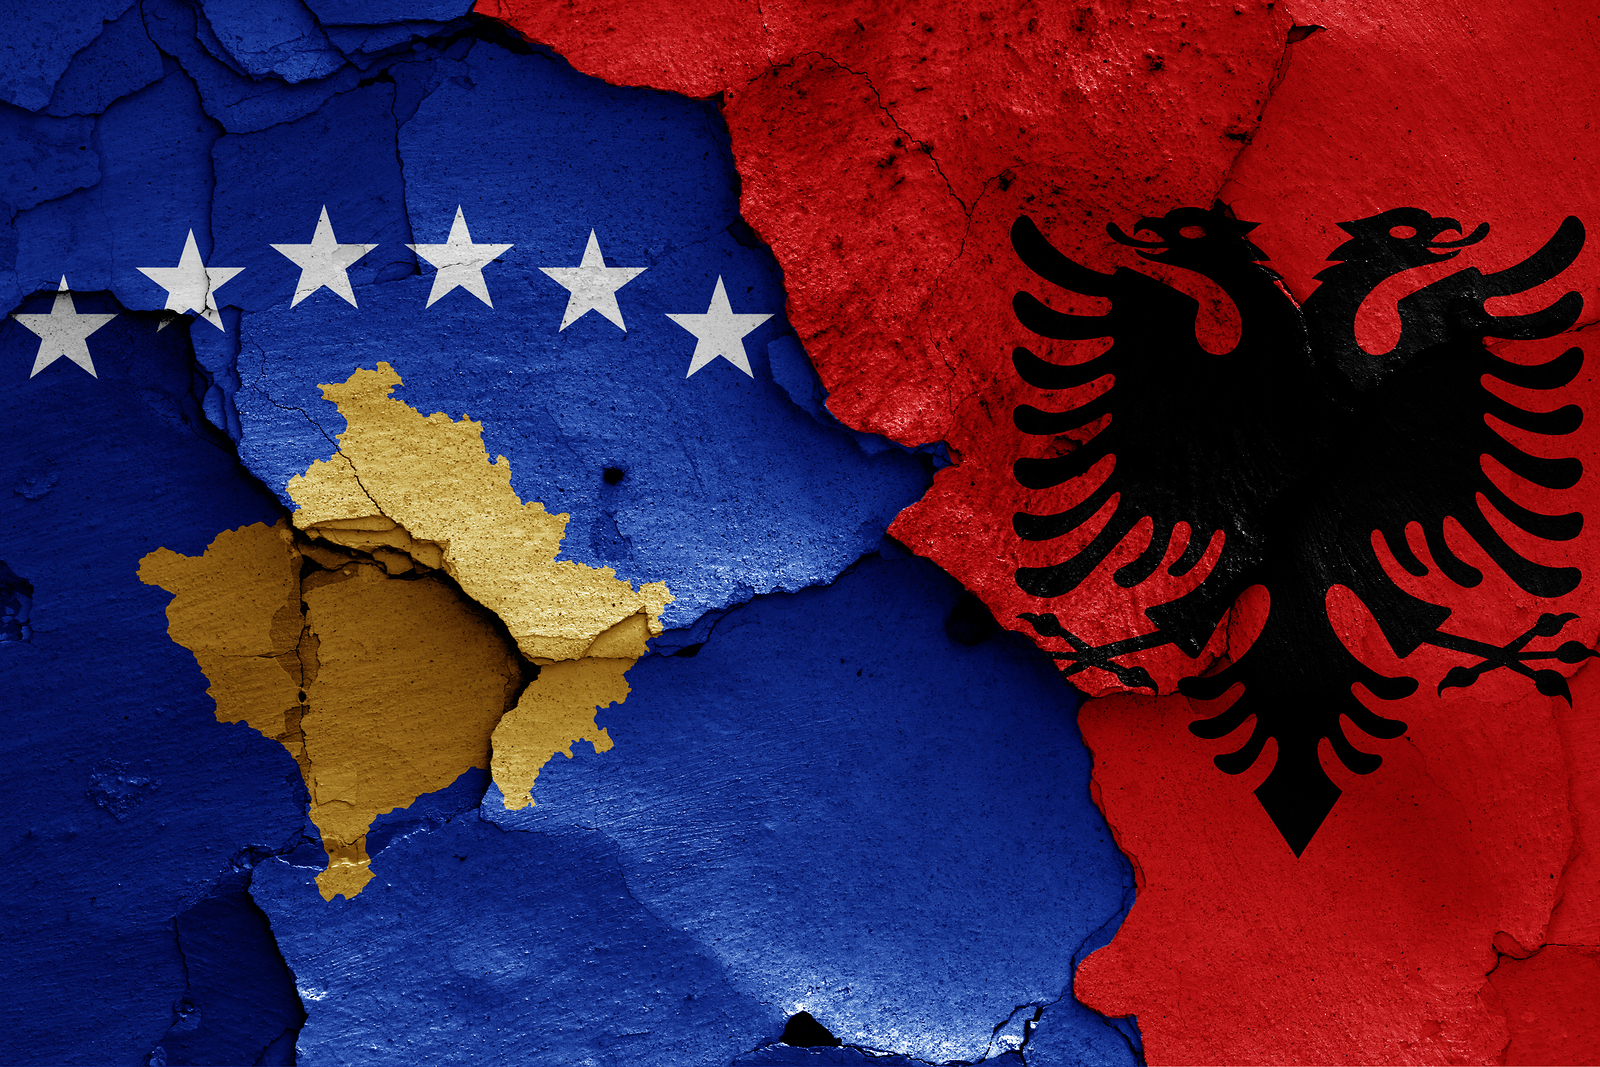 Albanija: Jedinstvena košarkaška liga Albanija – Kosovo postala je stvarnost